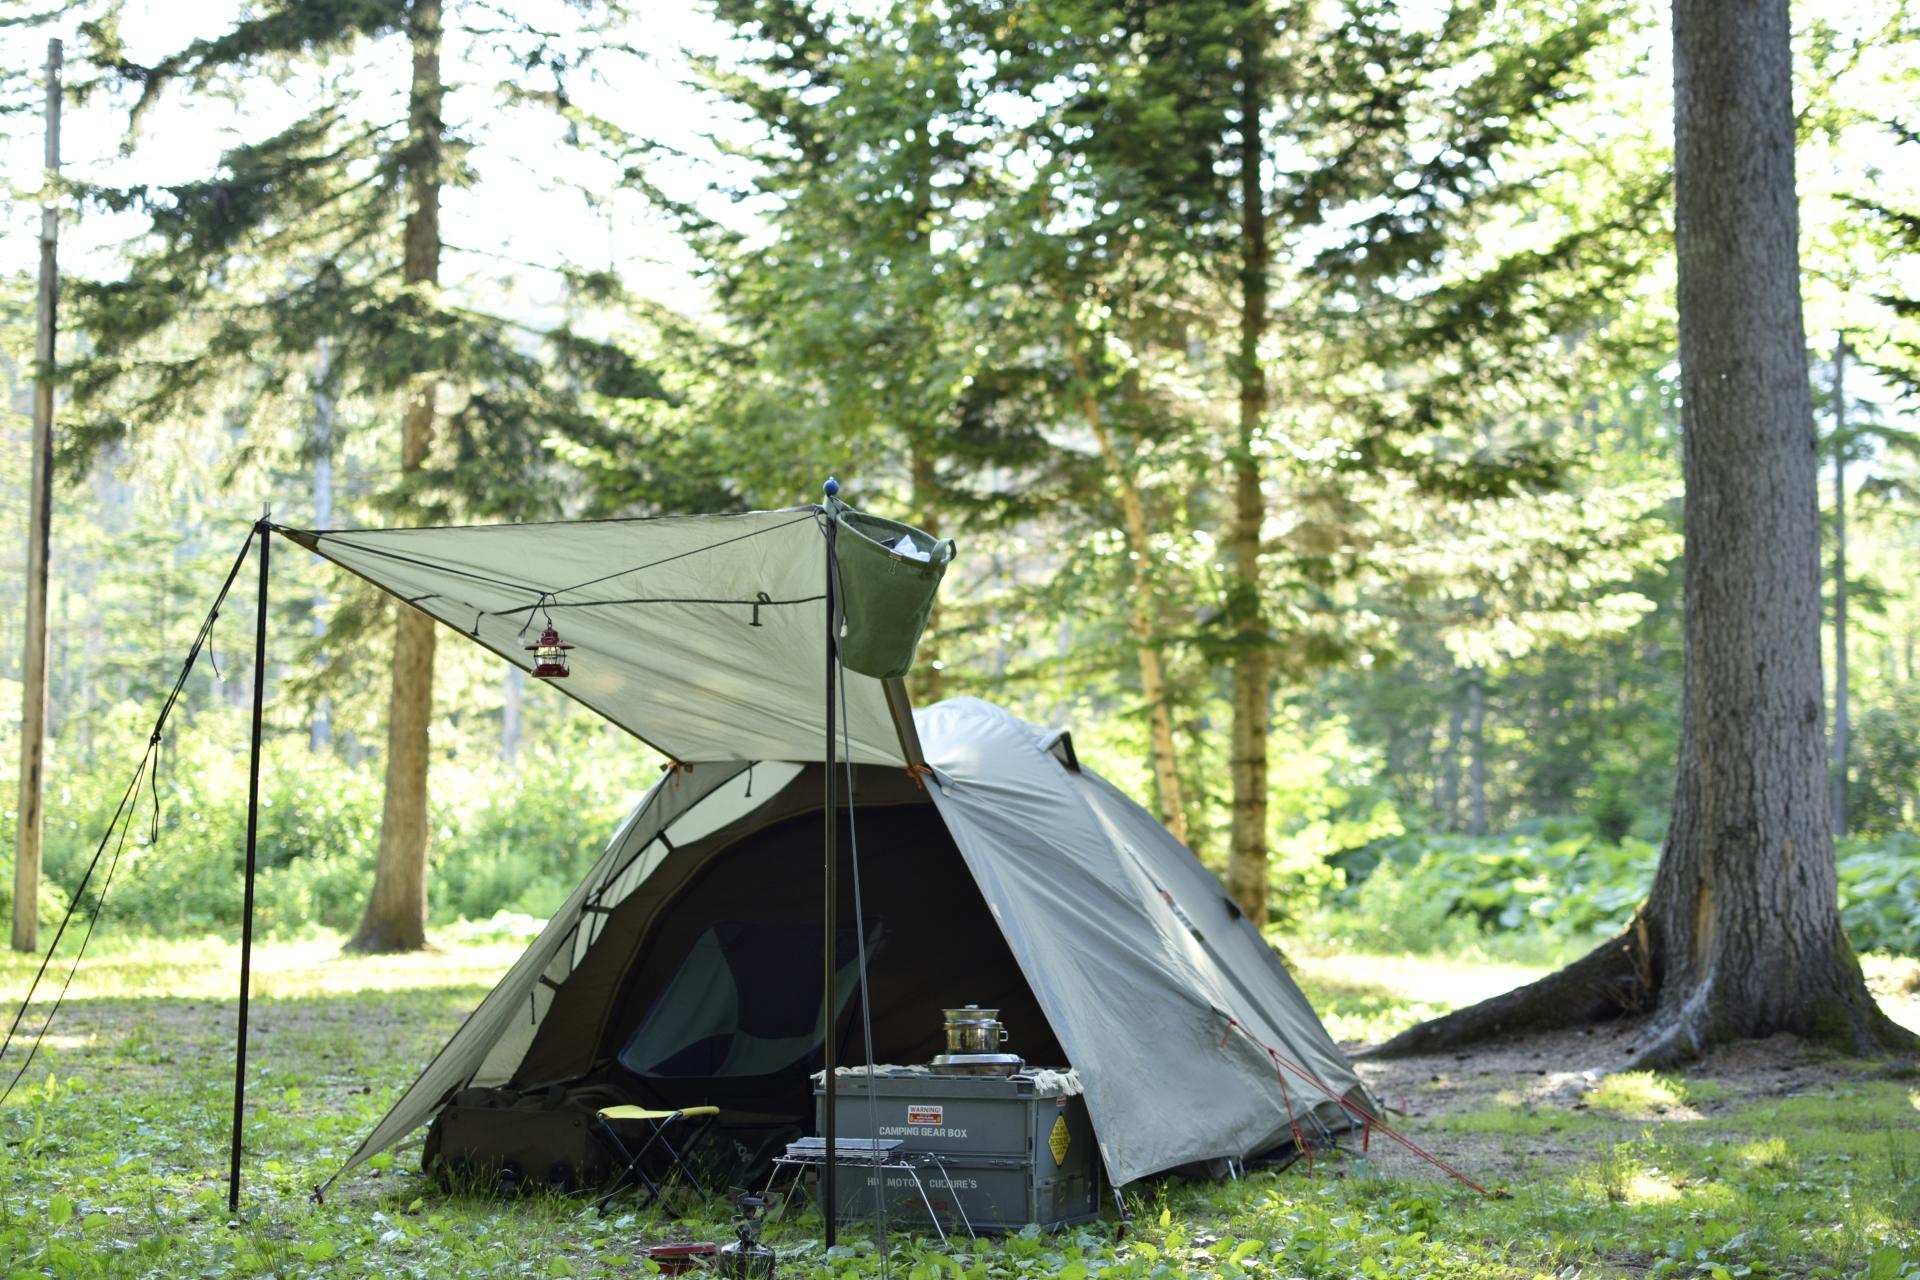 【大阪】渓流園地は自然豊かな穴場キャンプ場!ソロにもファミリーにもおすすめ!